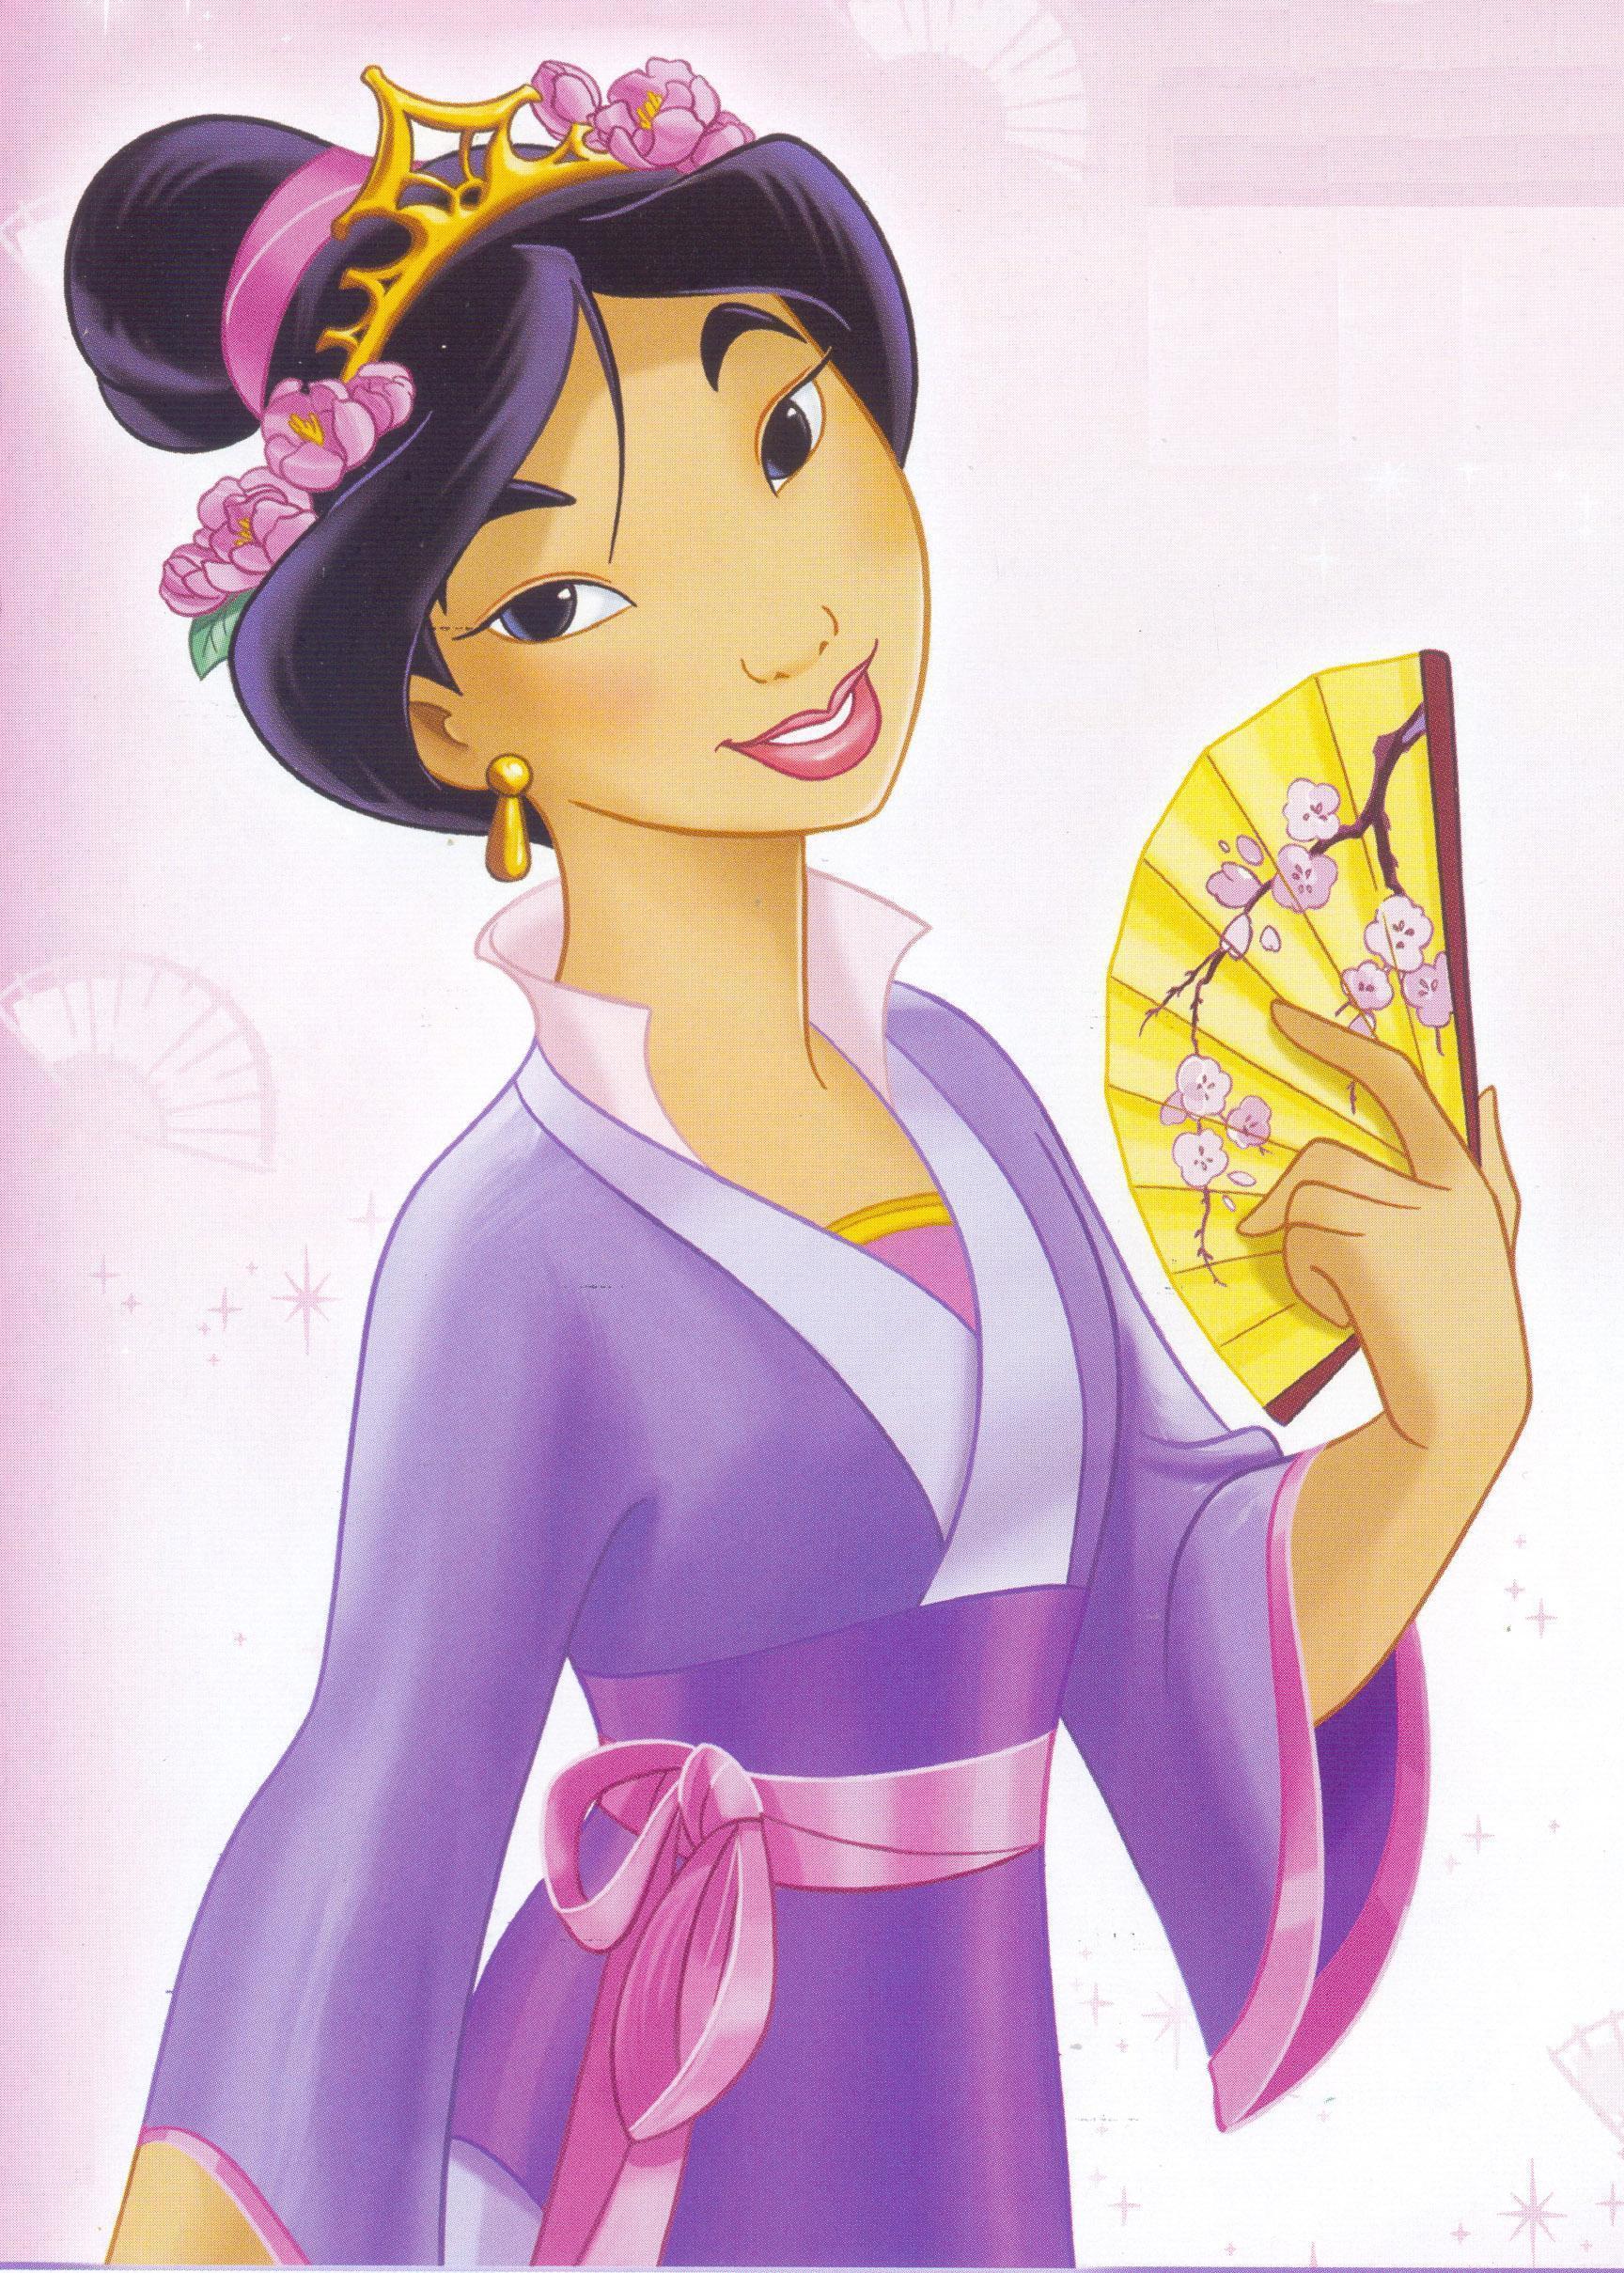 Mulan (1998) - | Disney movie scenes, Mulan disney, Mulan